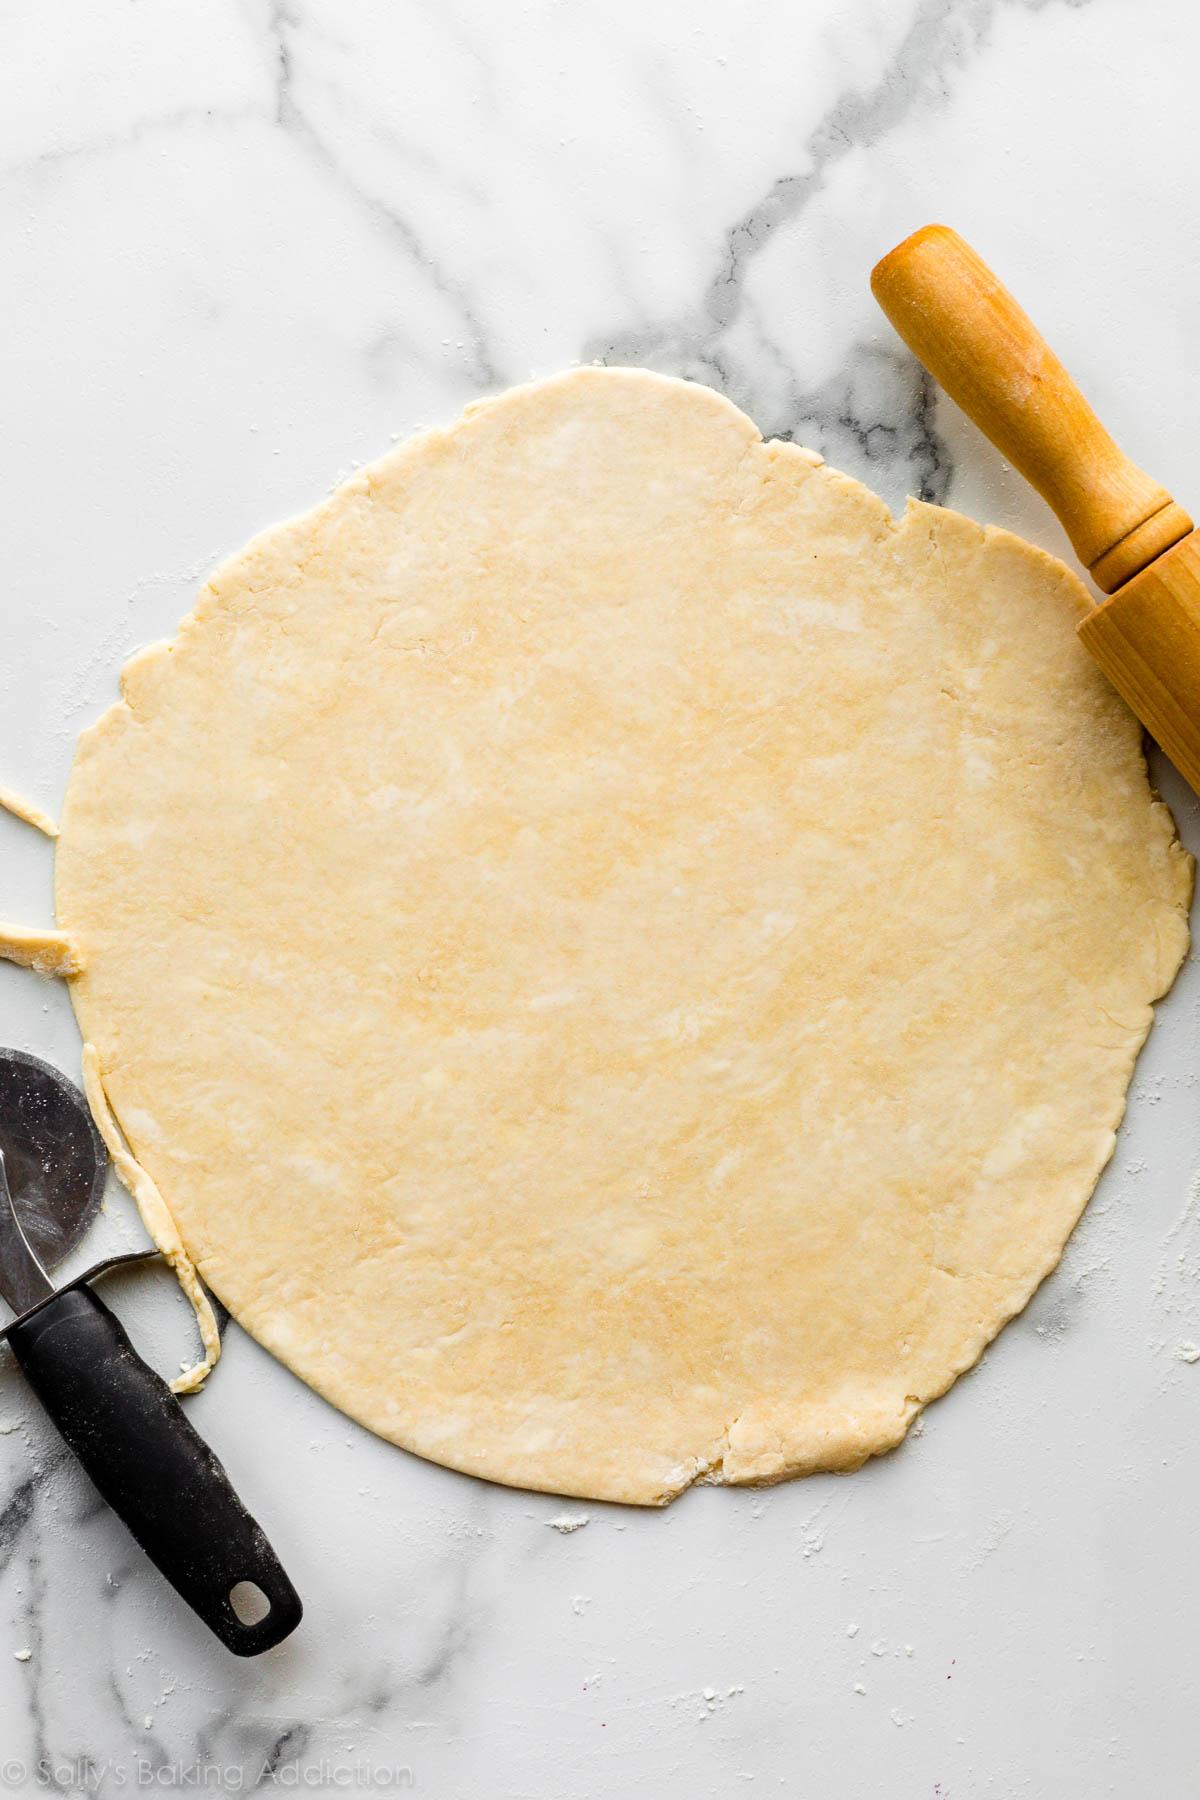 Pâte à tarte galette étalée sur le comptoir